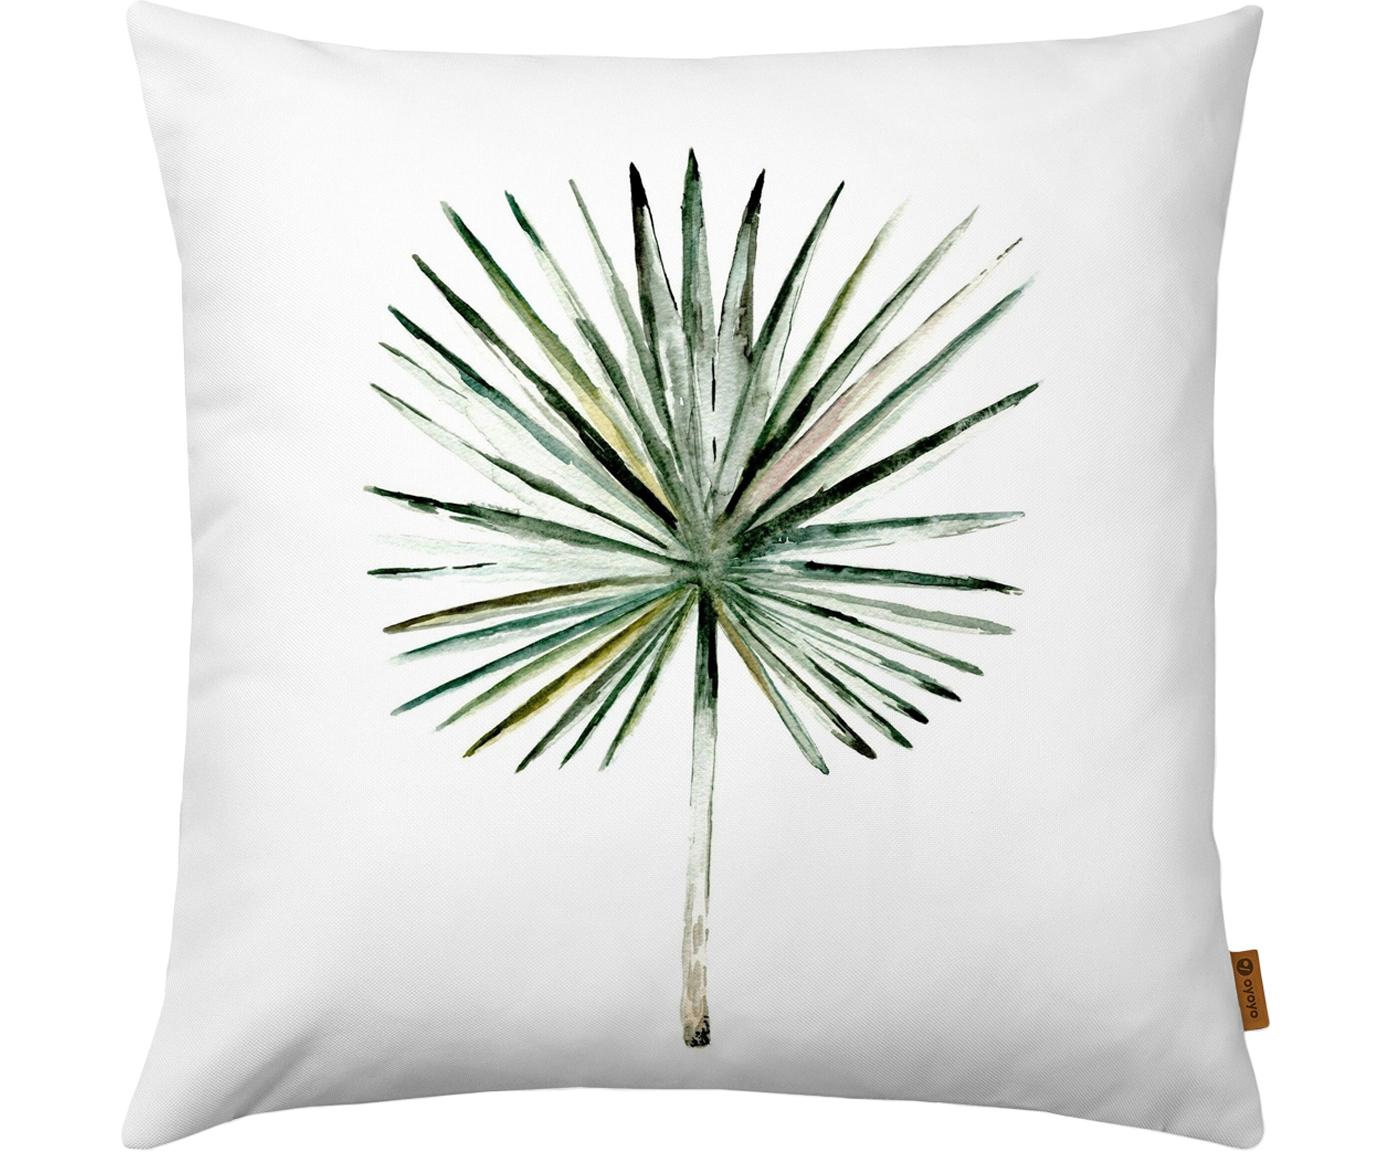 Funda de cojín Fan Palm, Poliéster, Blanco, tonos verdes, An 40 x L 40 cm